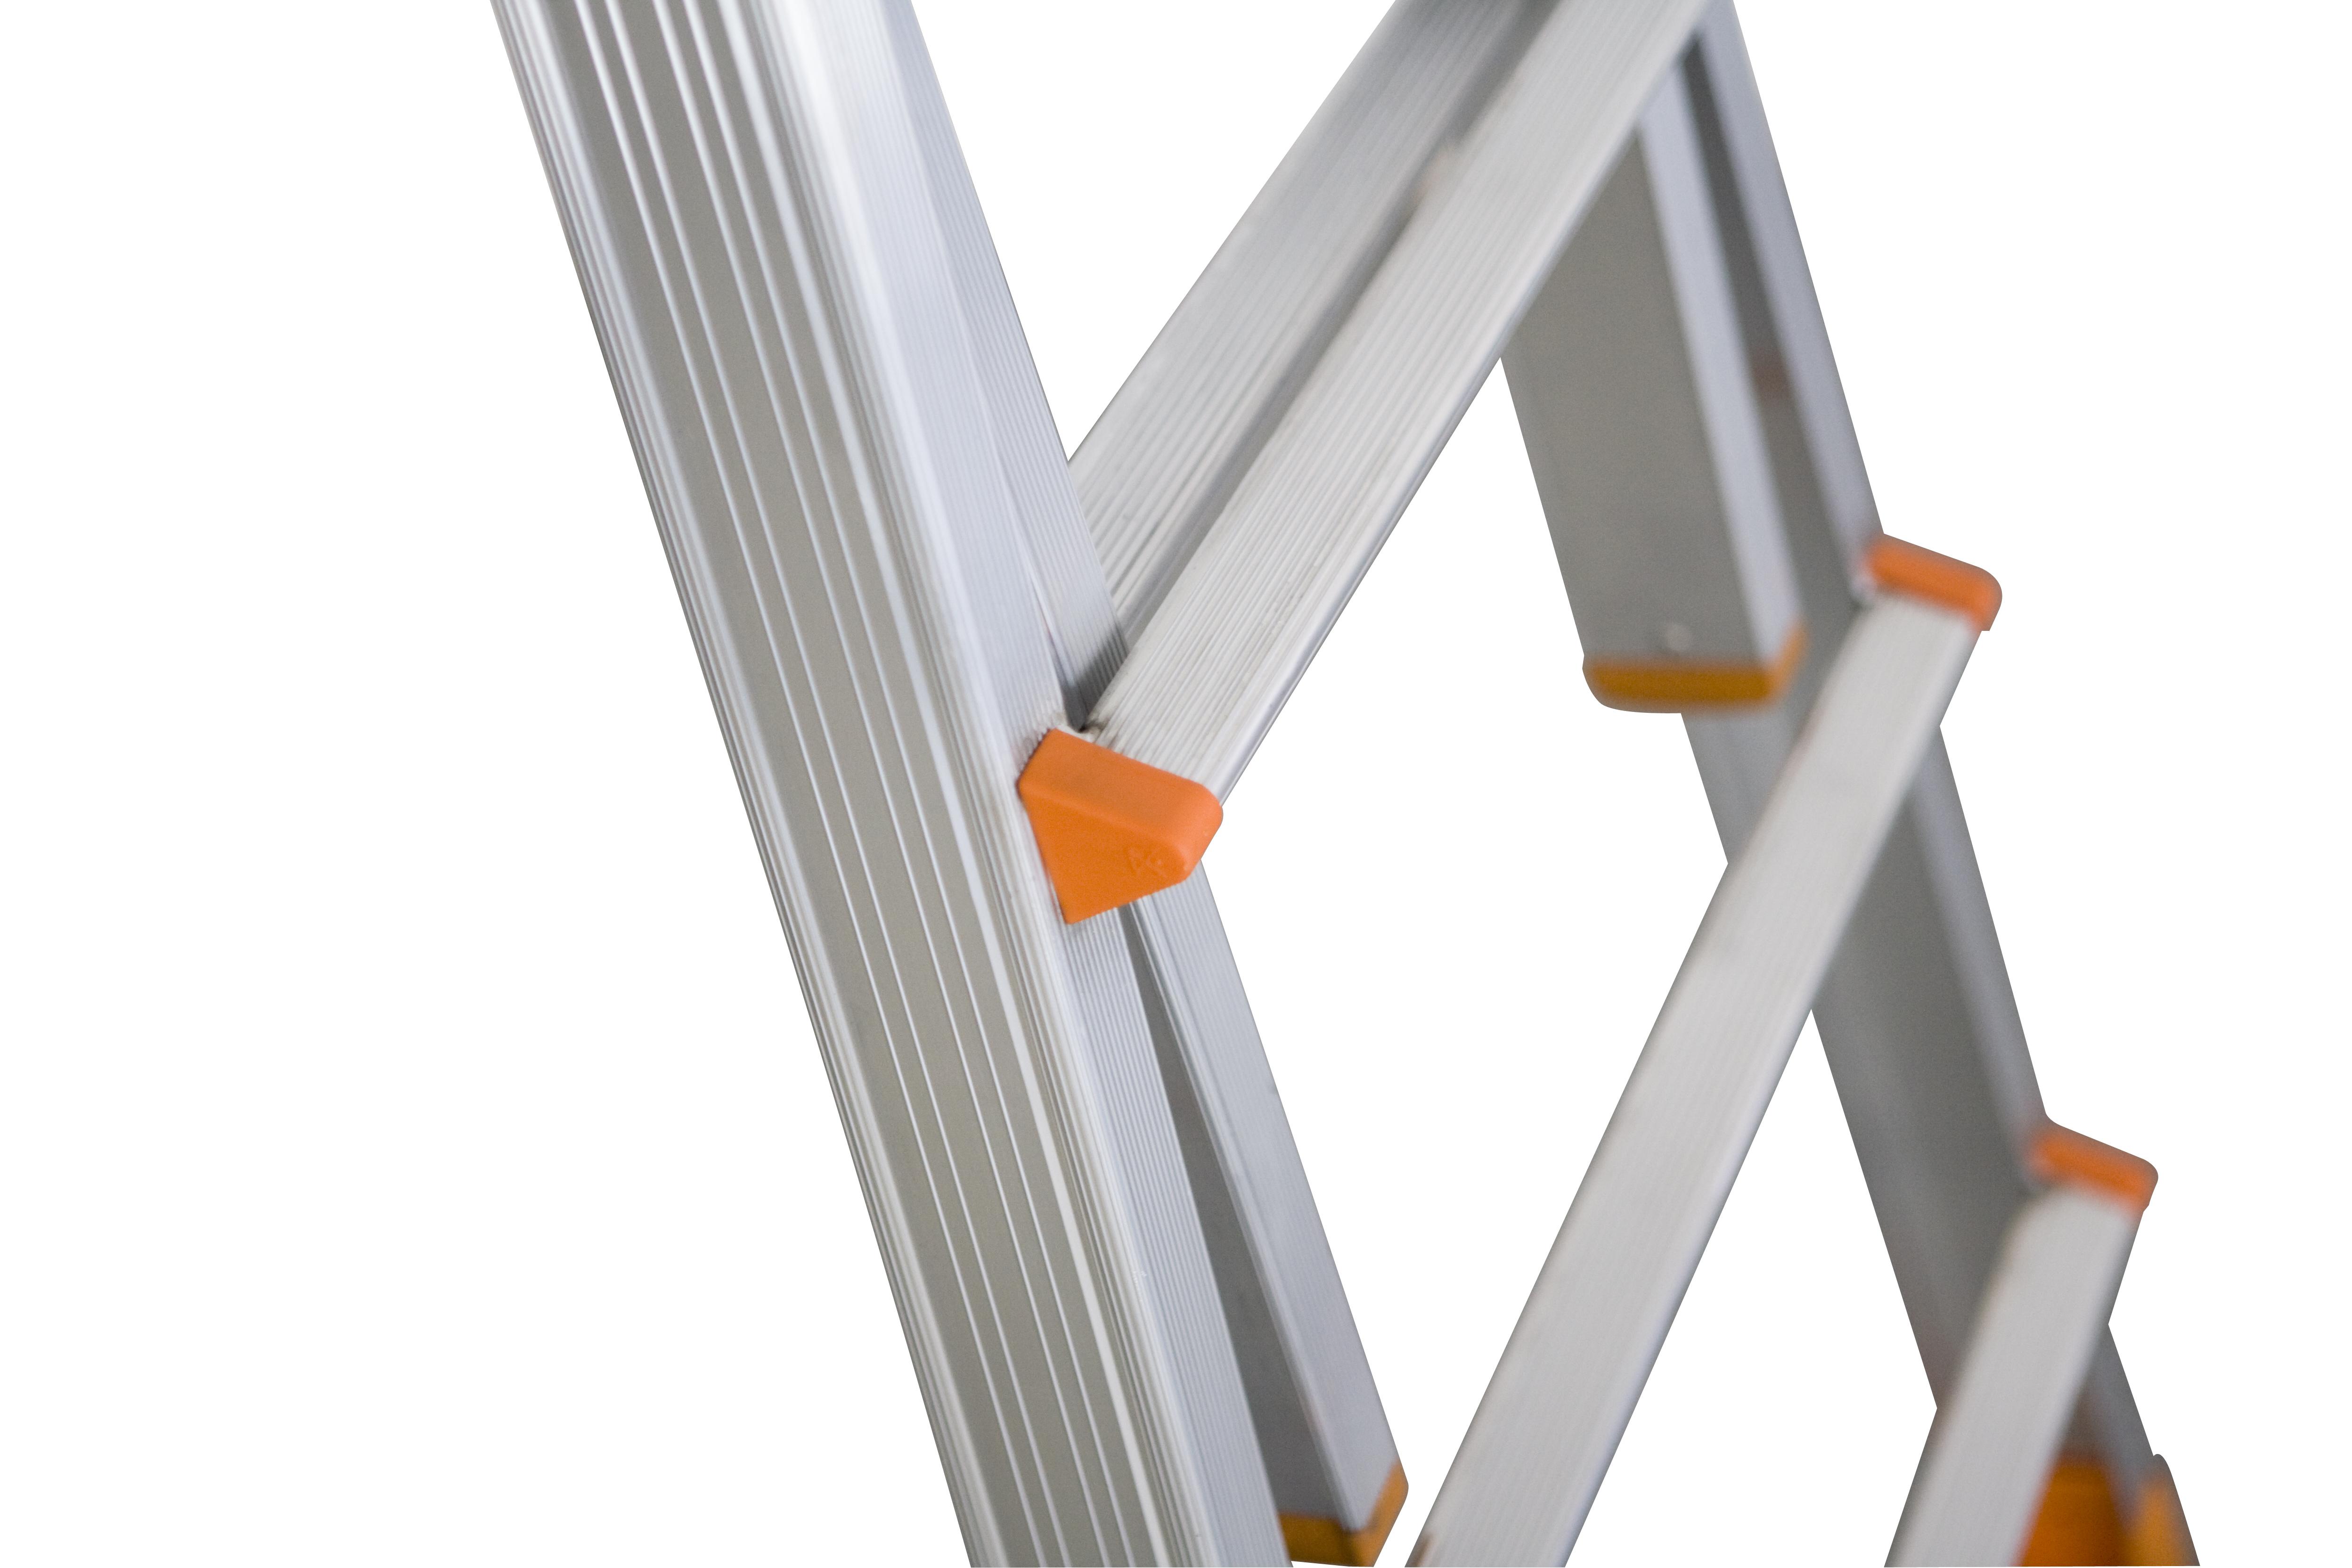 Aluminium teleskopleiter sprossen: mtl aluminium multifunktions